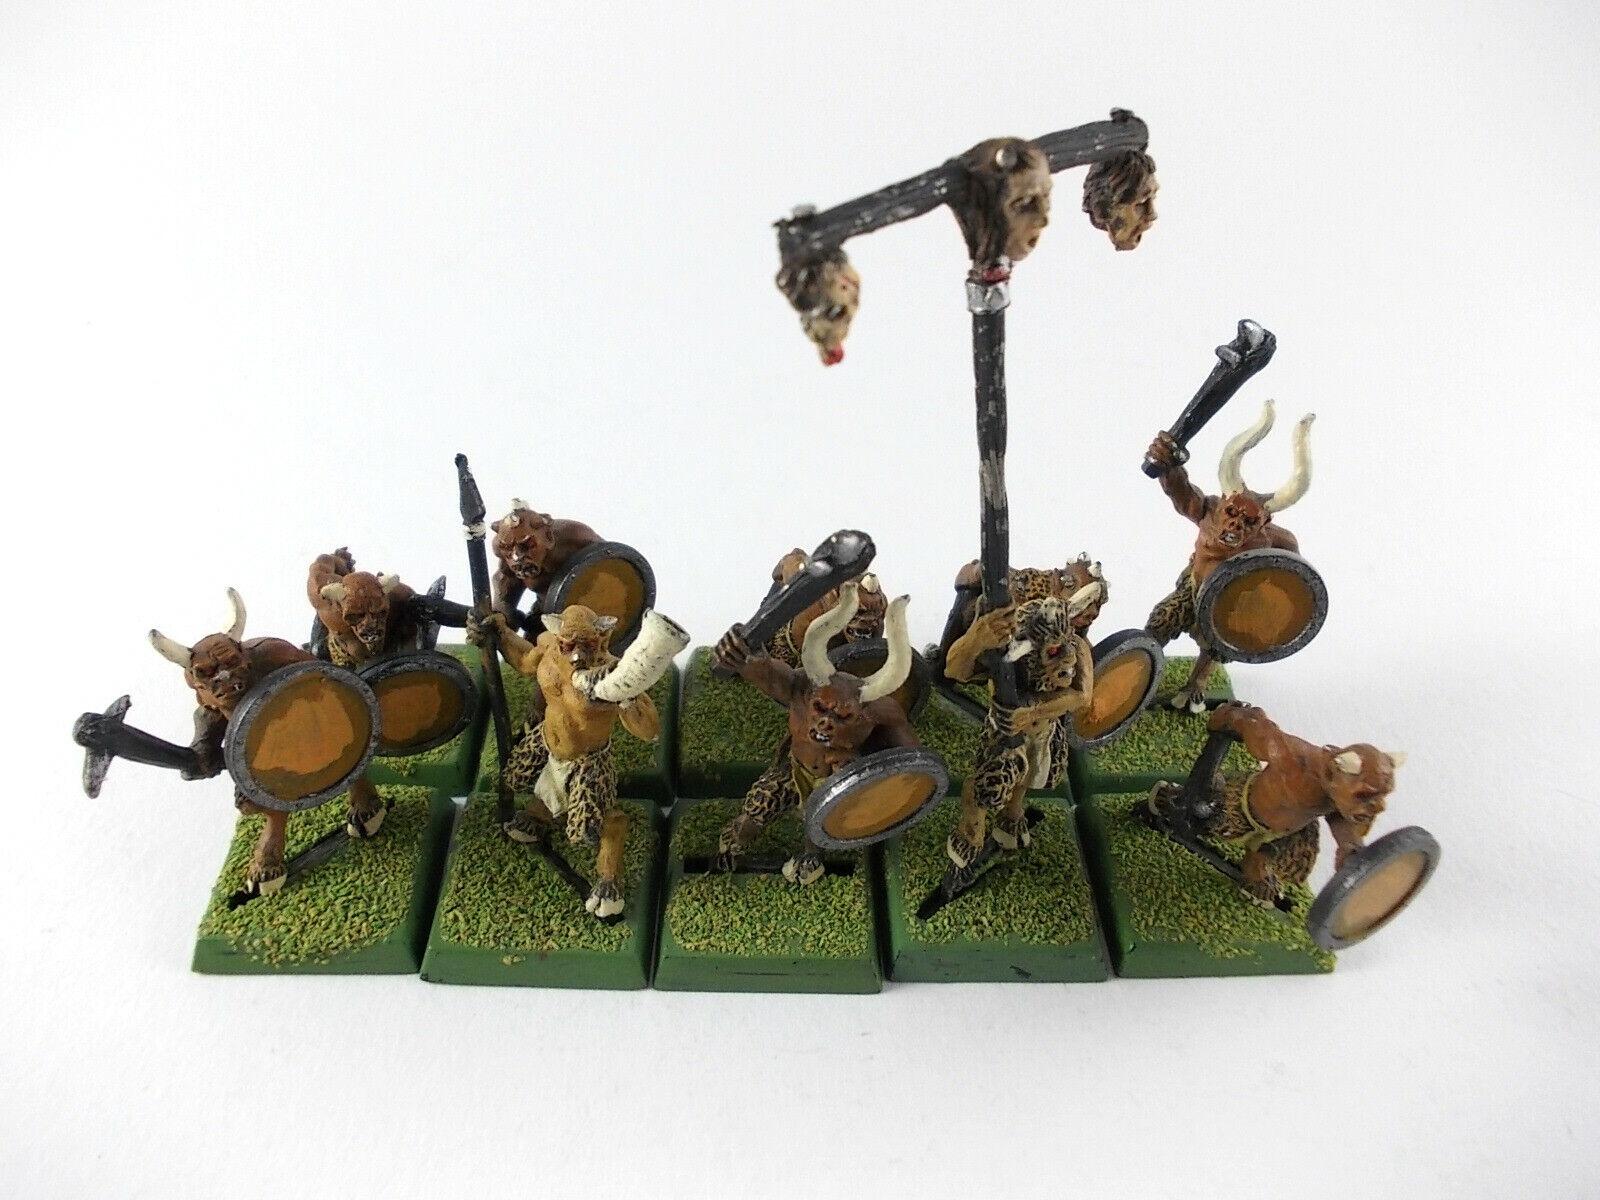 10 x ungors delle persone animali Warhammer fantasyc-BEN  DIPINTO METtuttiO -  Offriamo vari marchi famosi